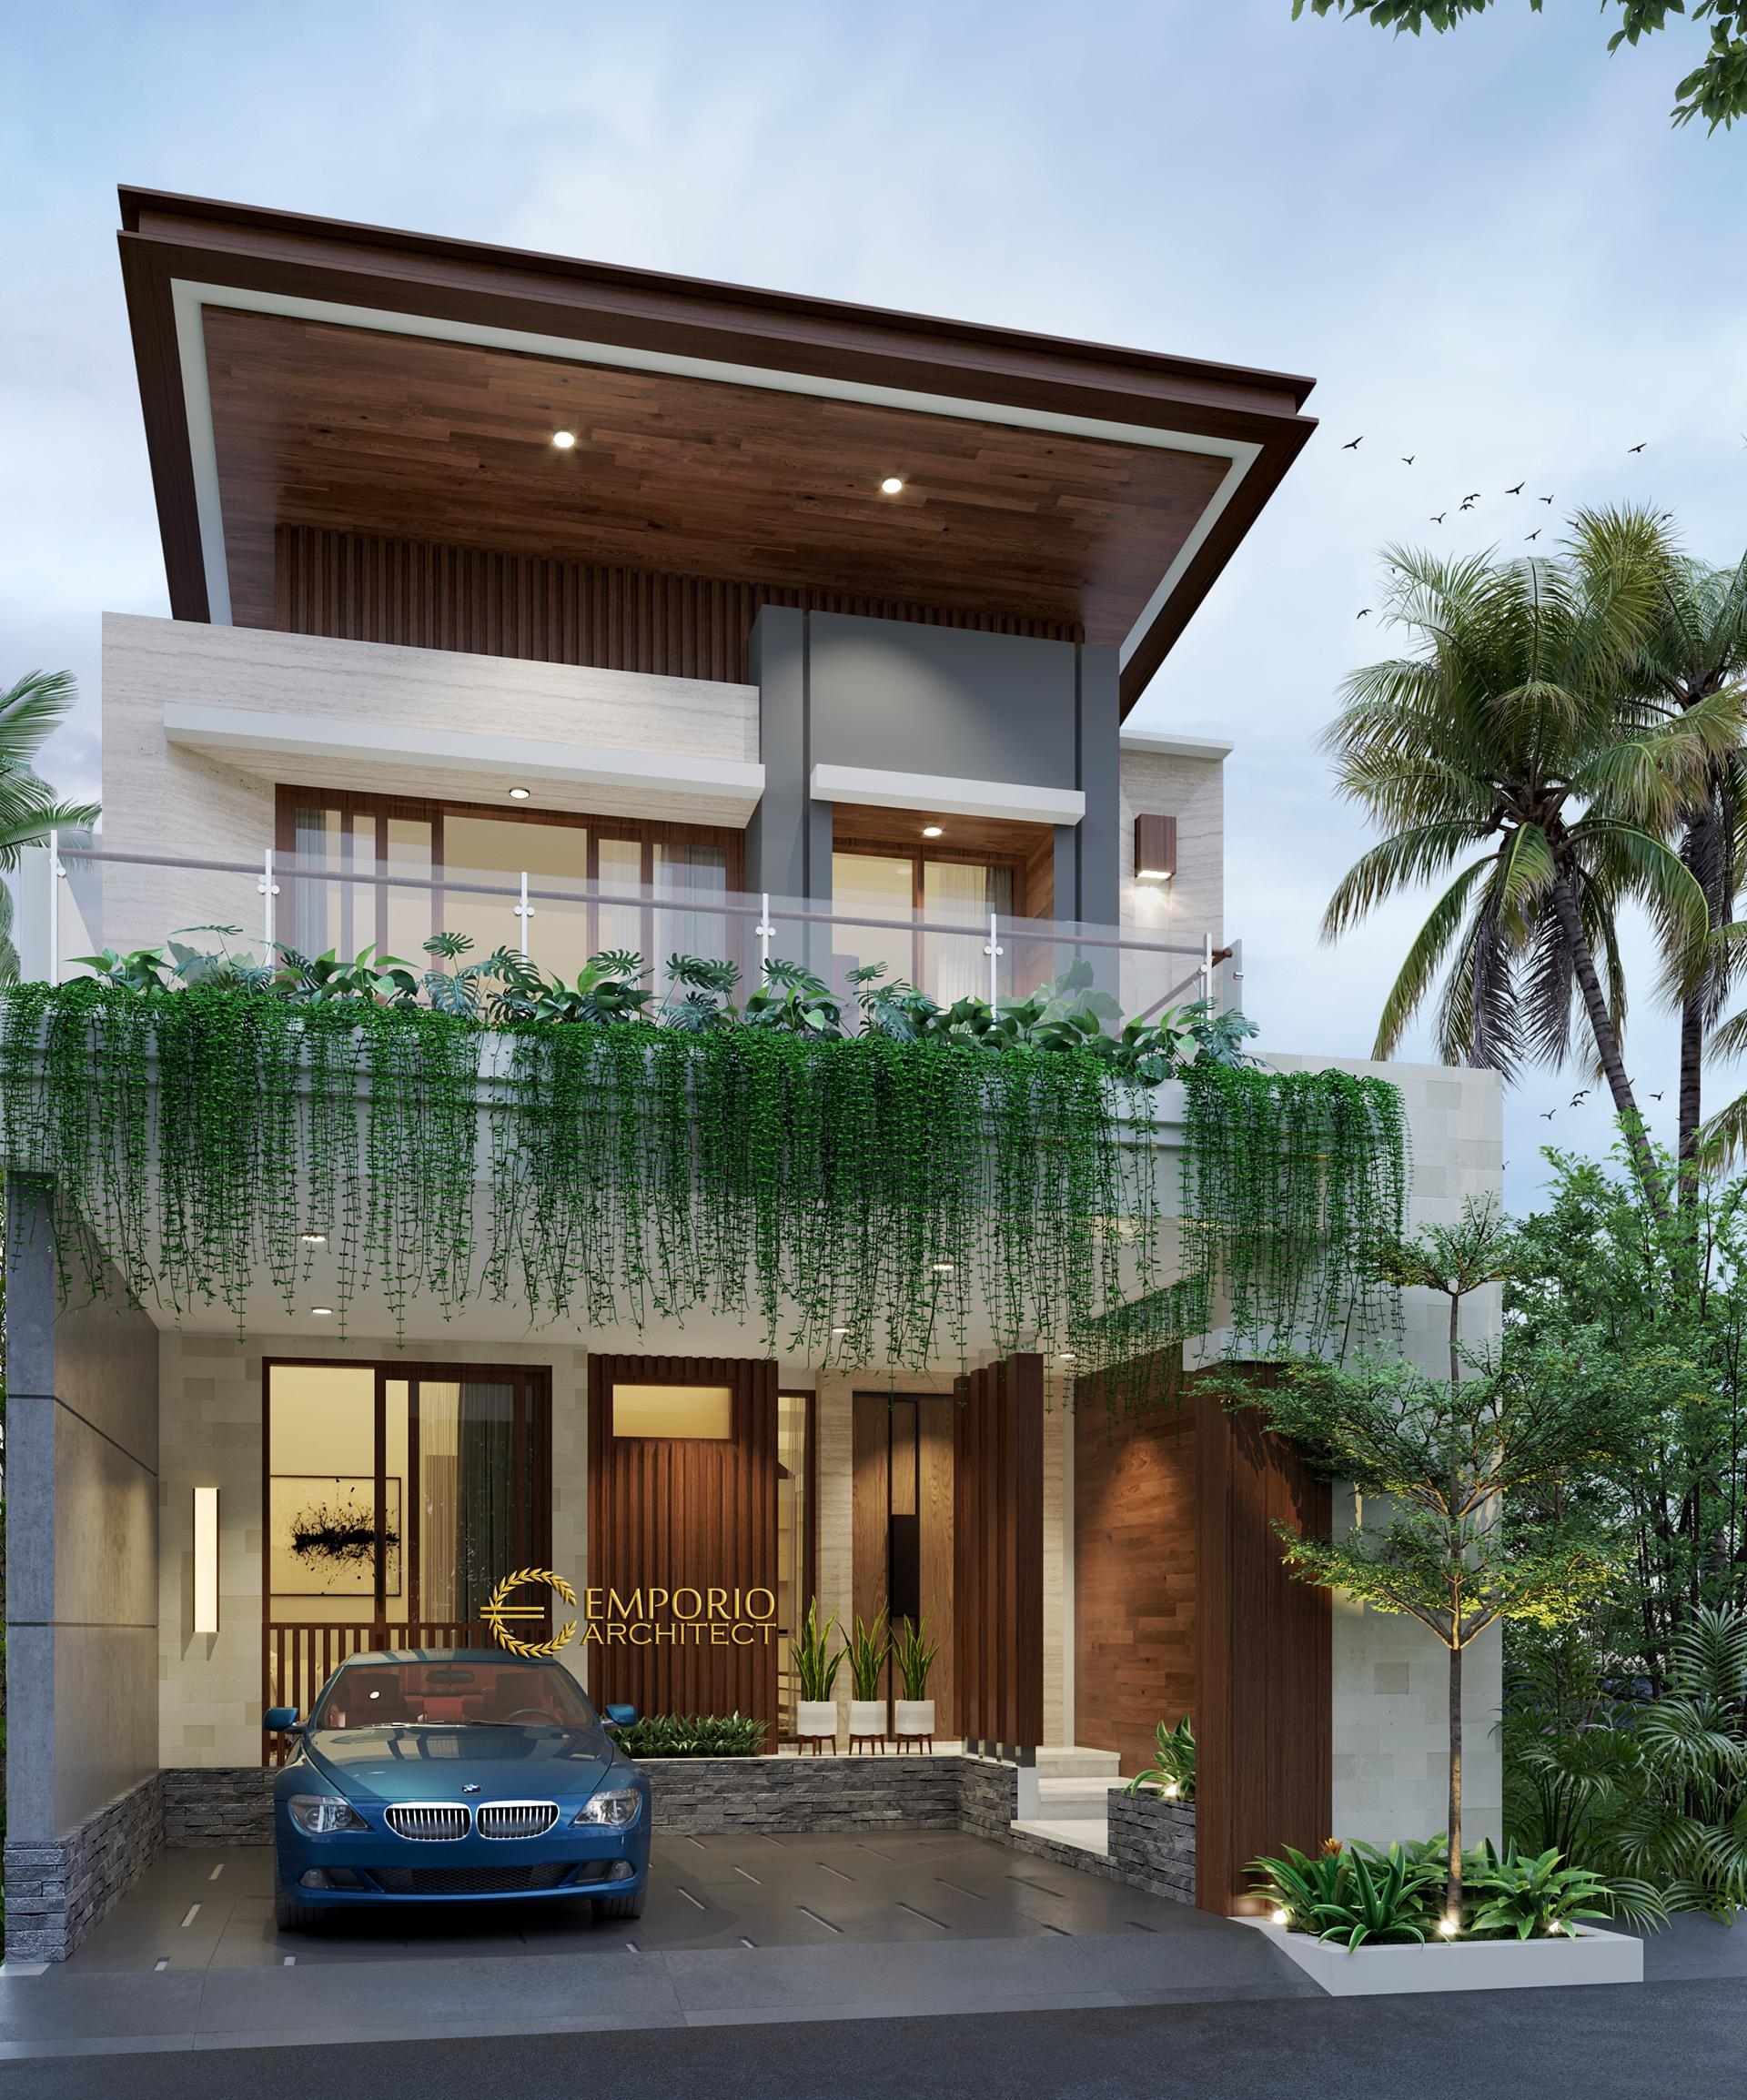 5 Desain Rumah Minimalis 2 Lantai Terbaik Pada Lebar Lahan 7